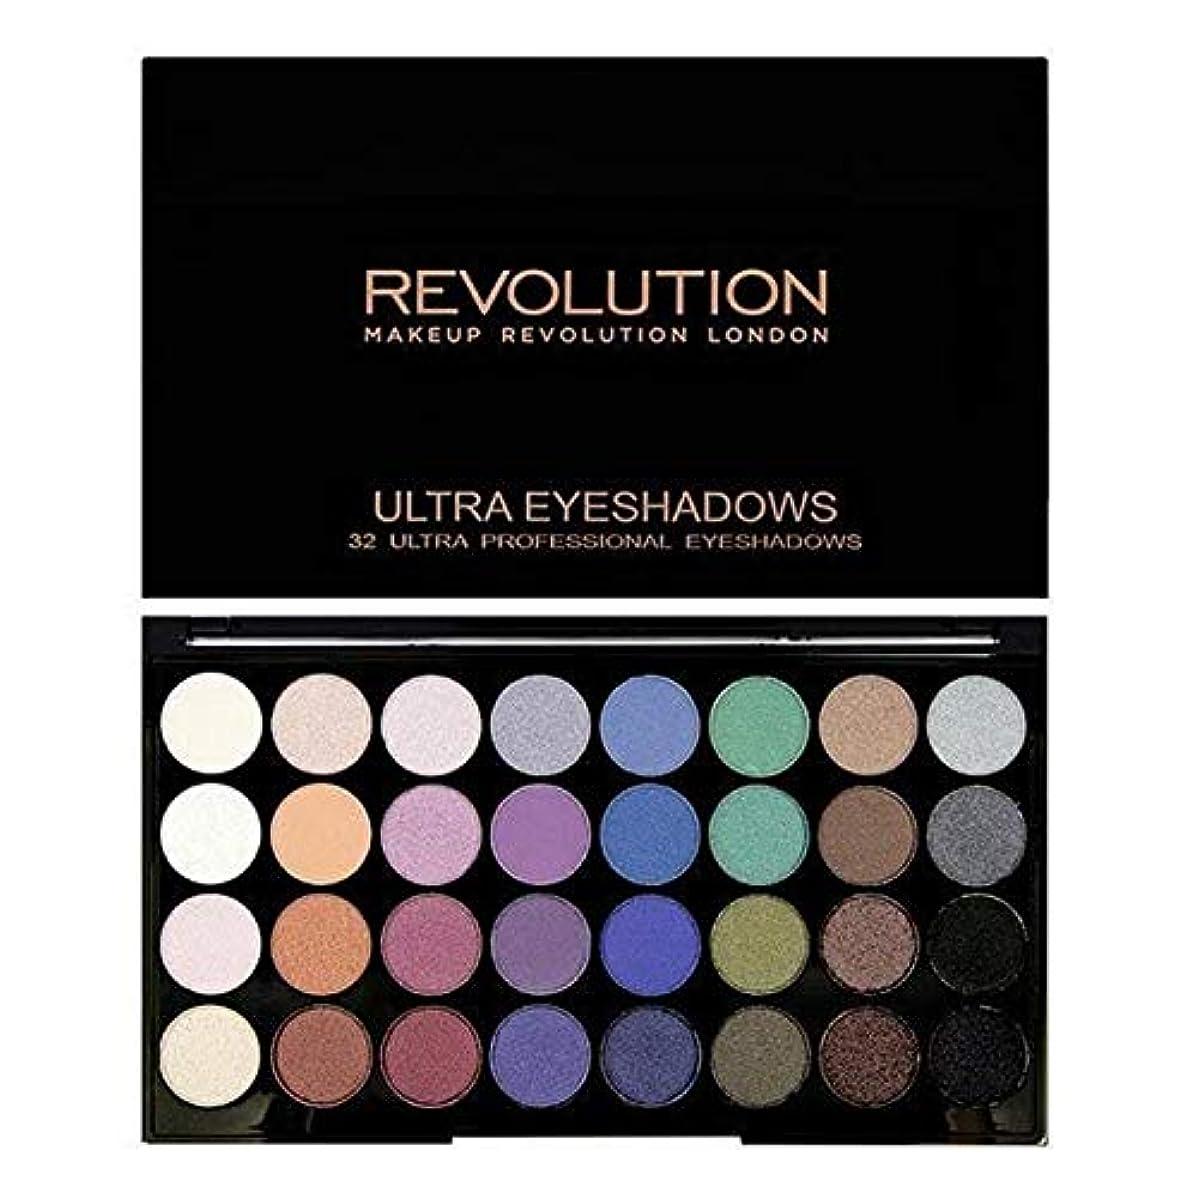 脱走可能大臣[Revolution ] 永遠に革命32アイシャドウパレット人魚 - Revolution 32 Eye Shadow Palette Mermaids Forever [並行輸入品]